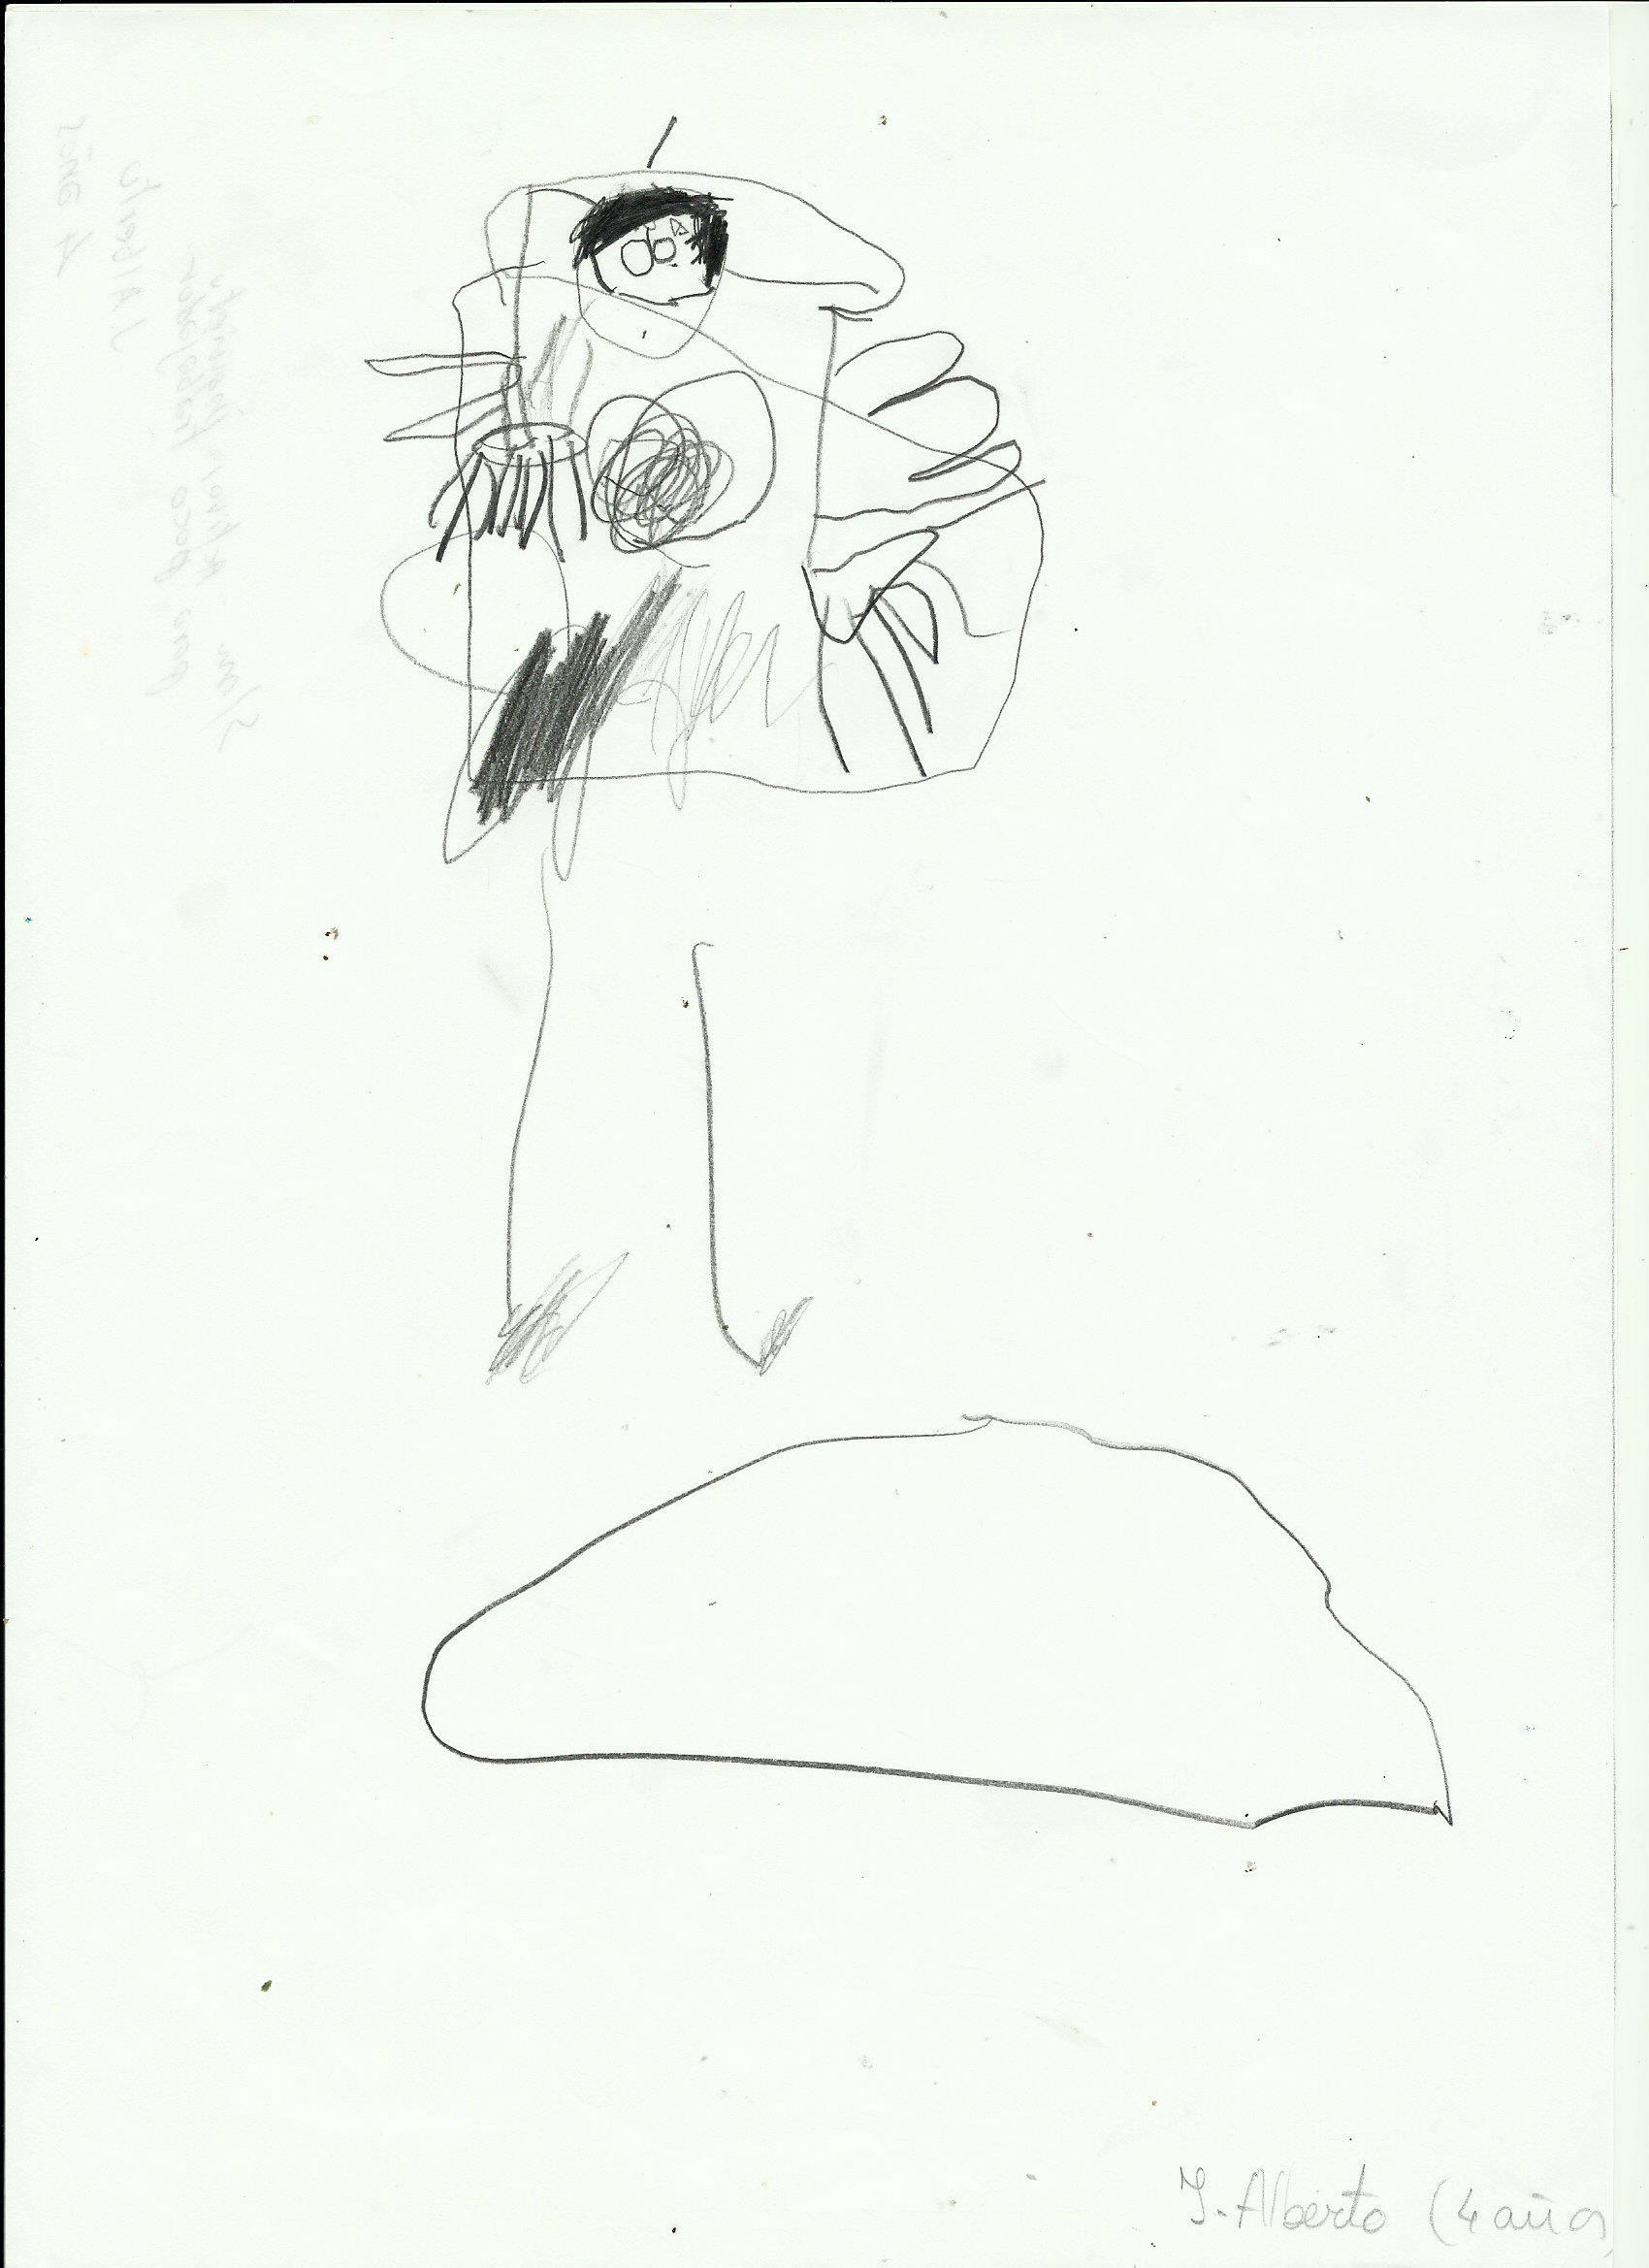 Dibujos De Niños Con Dificultades Página 1 2 Y 3